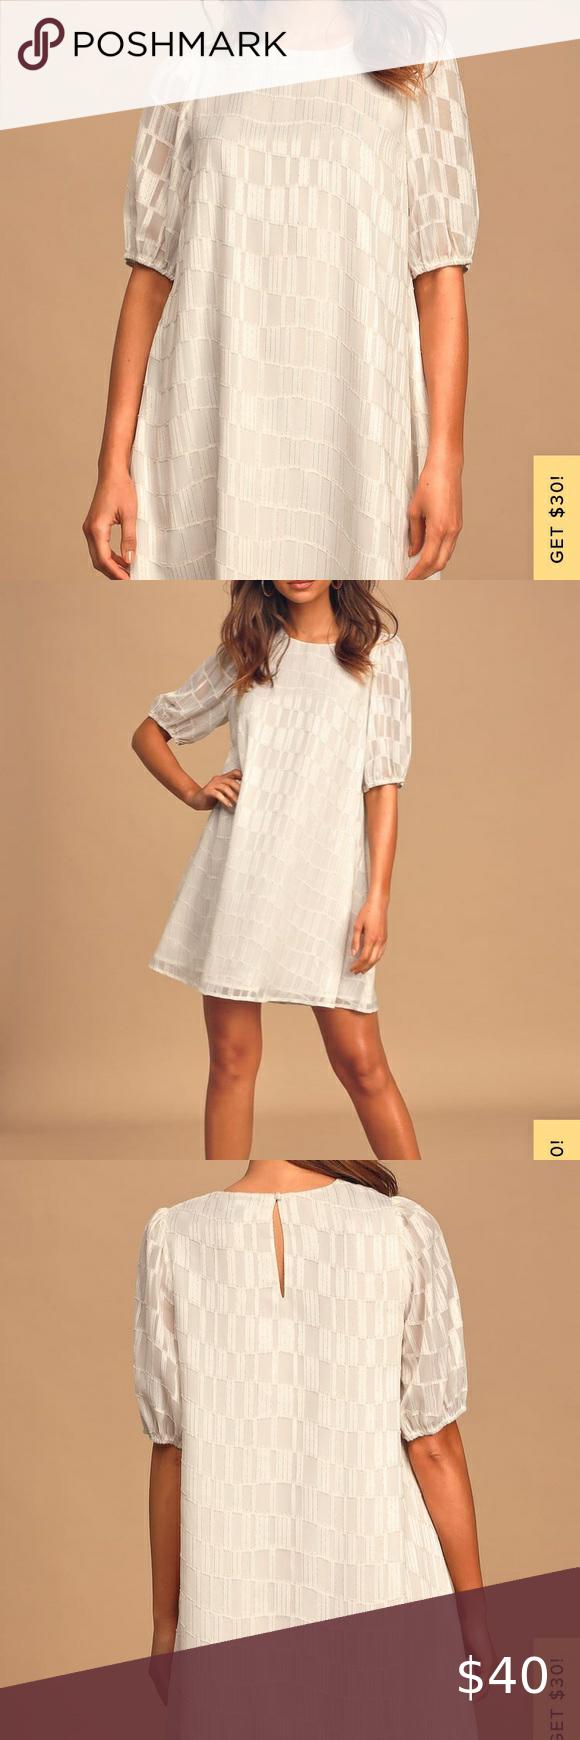 White Shift Dress In 2020 White Shift Dresses Shift Dress Clothes Design [ 1740 x 580 Pixel ]